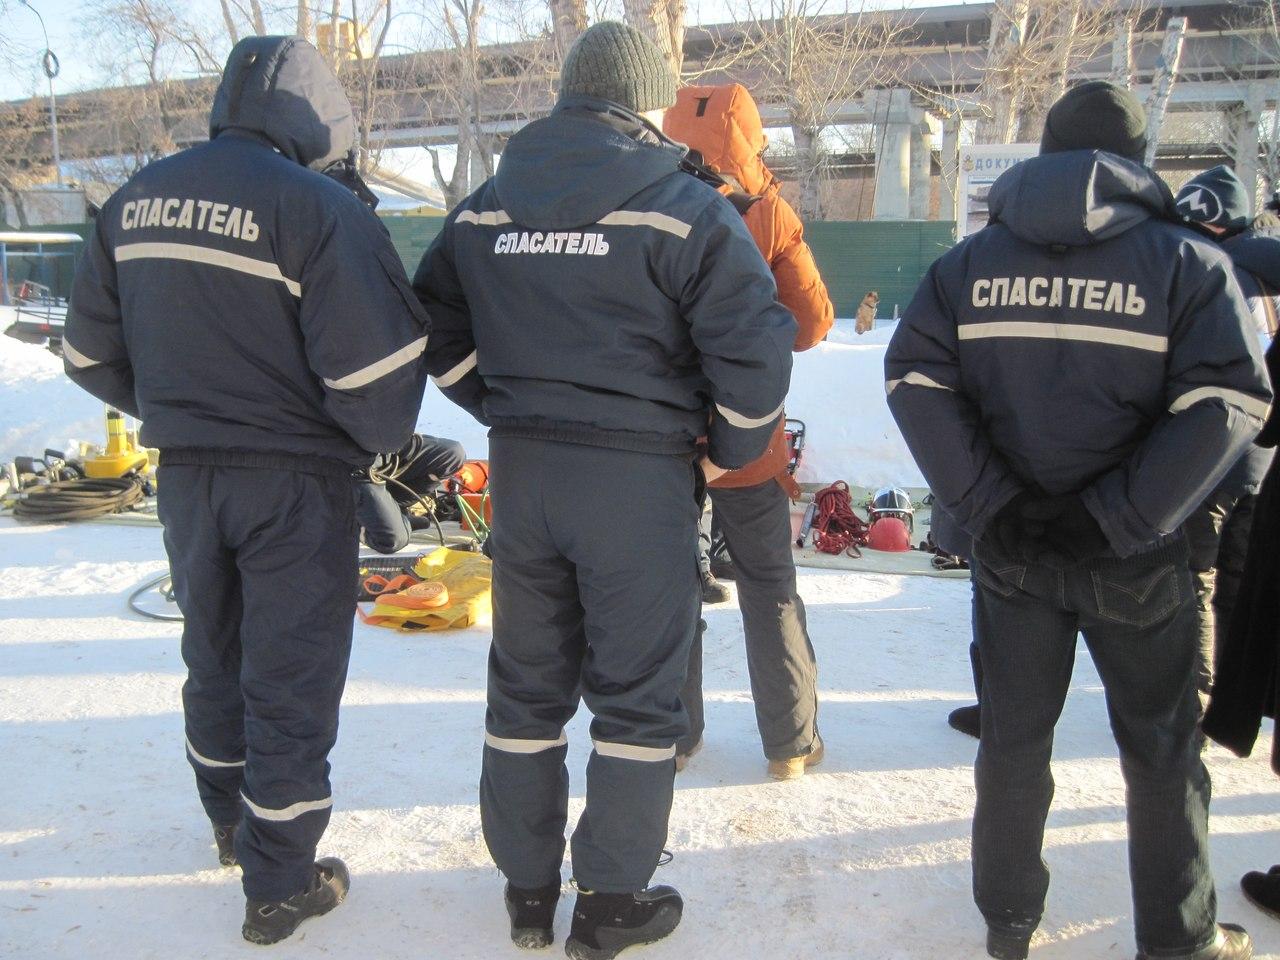 Спасатели отметили 15-летие ТОСЭР катанием на снегоходах с журналистами  3